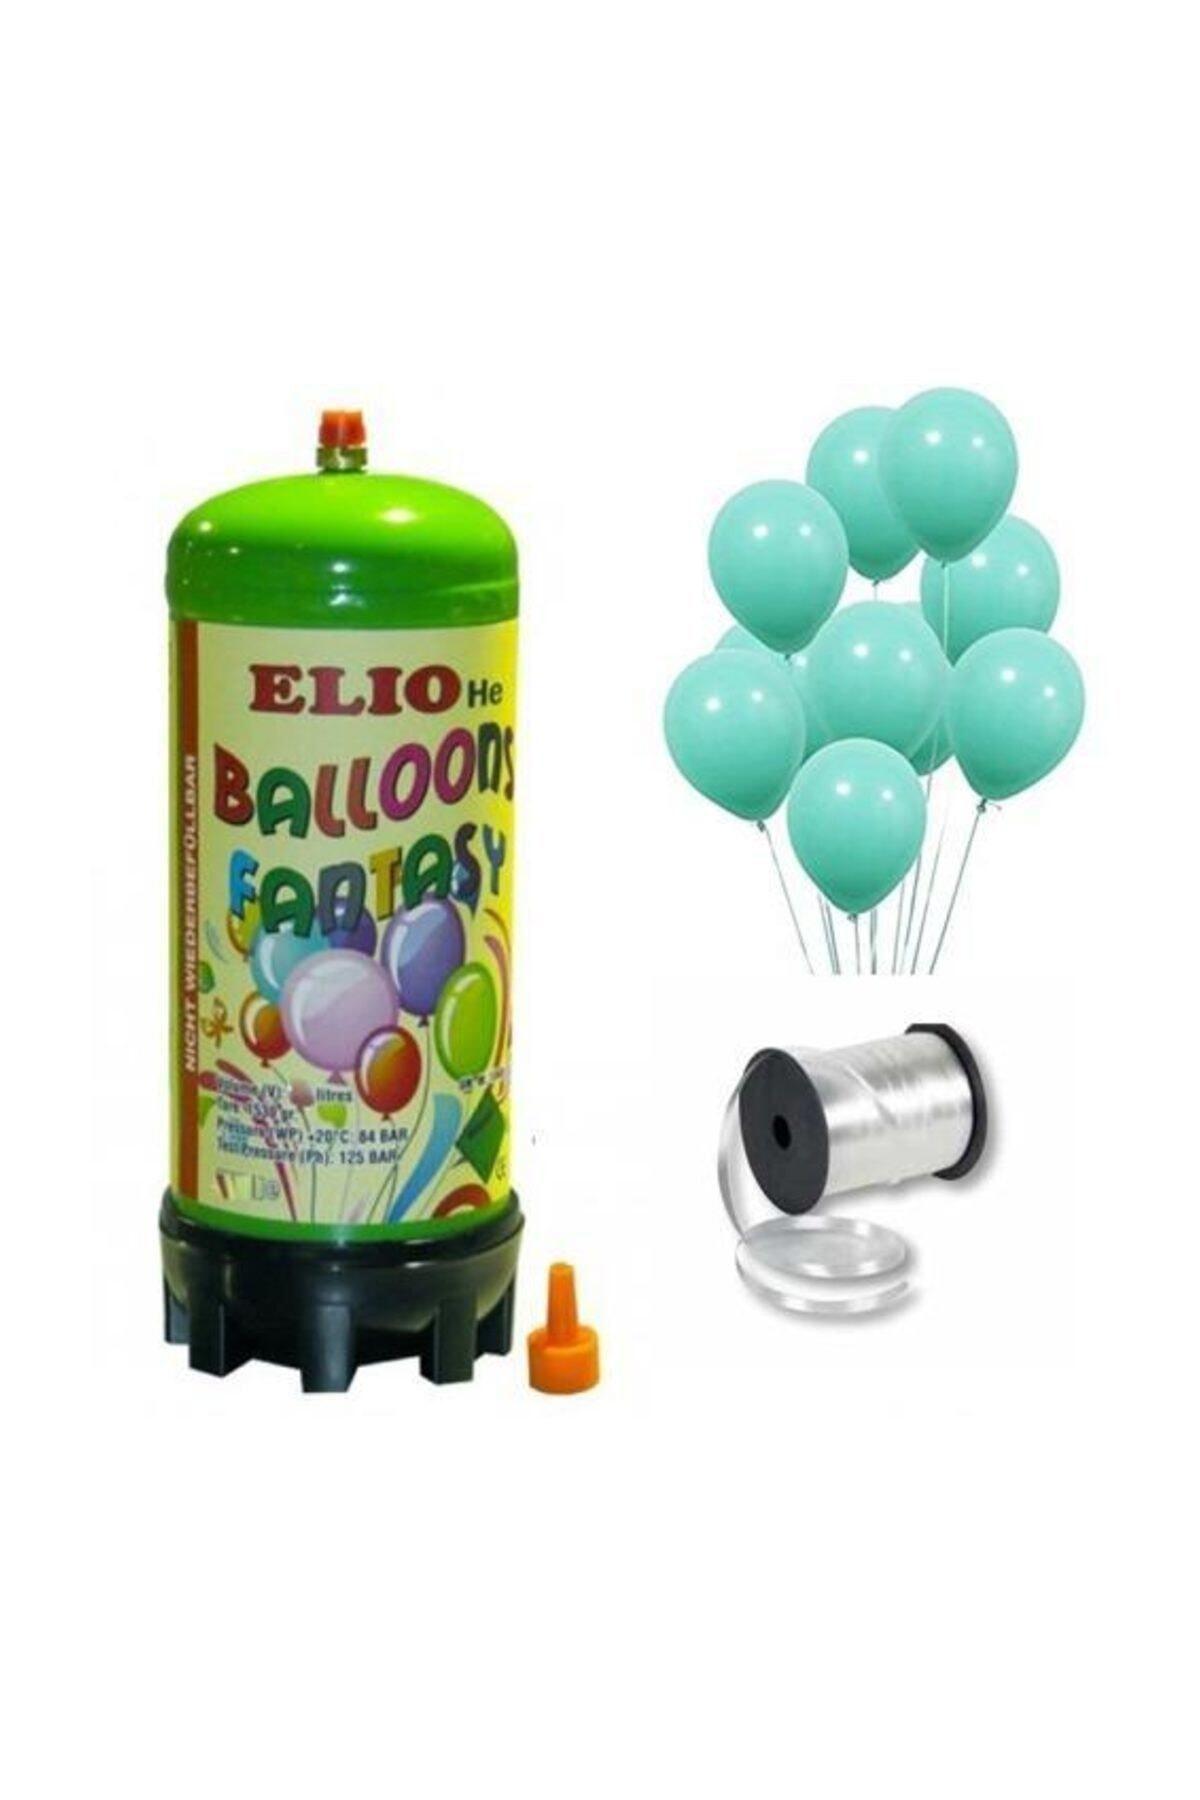 Helyum Gazı Tüp+ 20 Adet Mat Mint Yeşili Turkuaz Uçan Balon+ Ipi